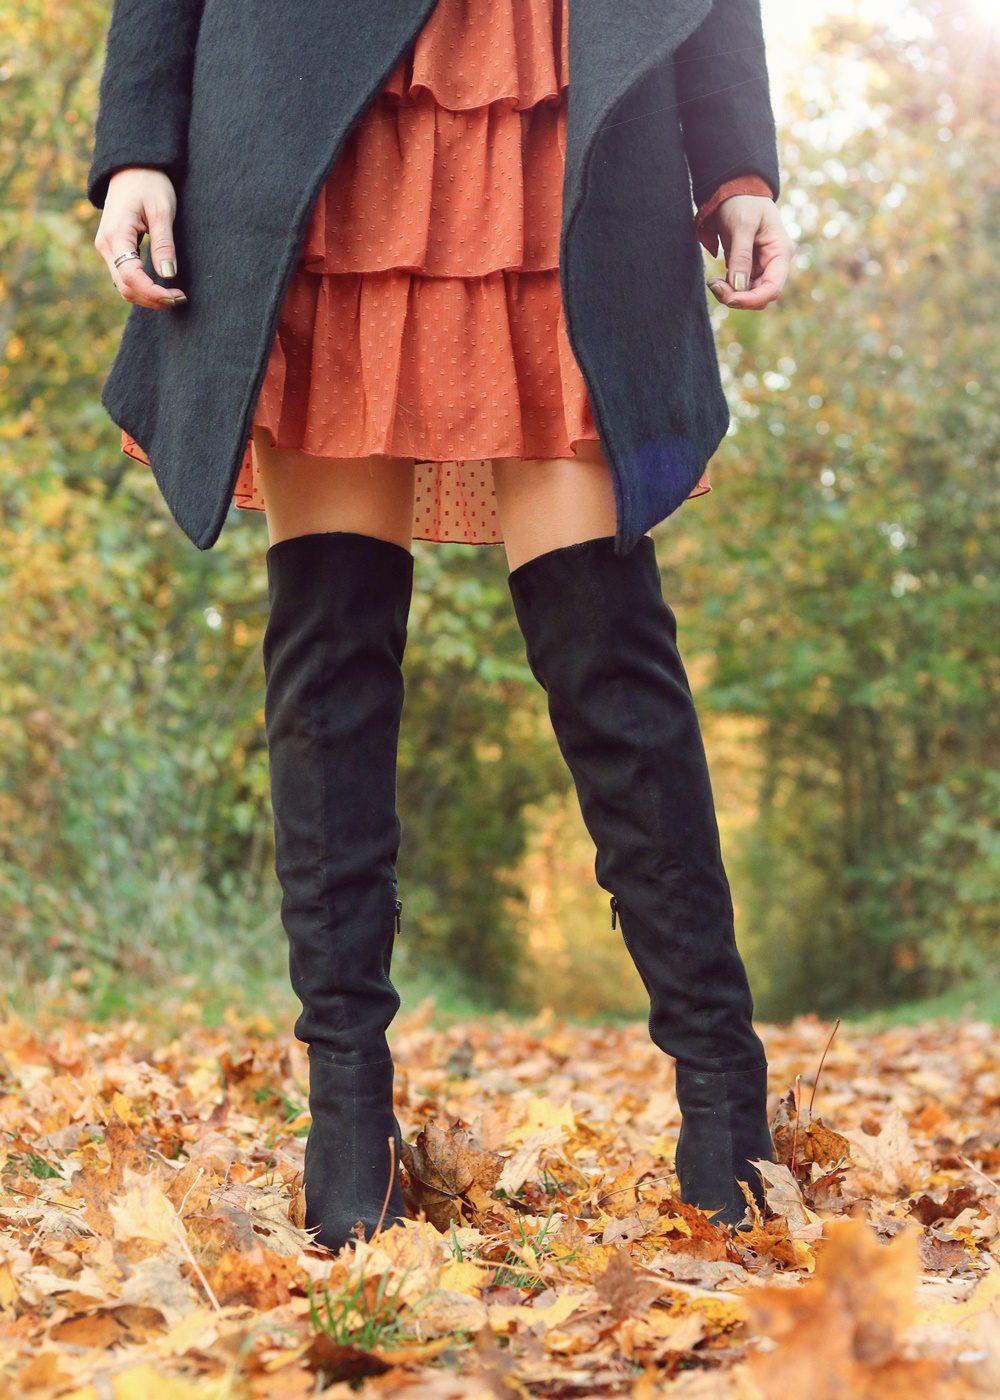 modeblogger-karlsruhe-outfit-herbst-kleid-vero-moda-rostrot-schwarzer-mantel-overknees-24-von-27